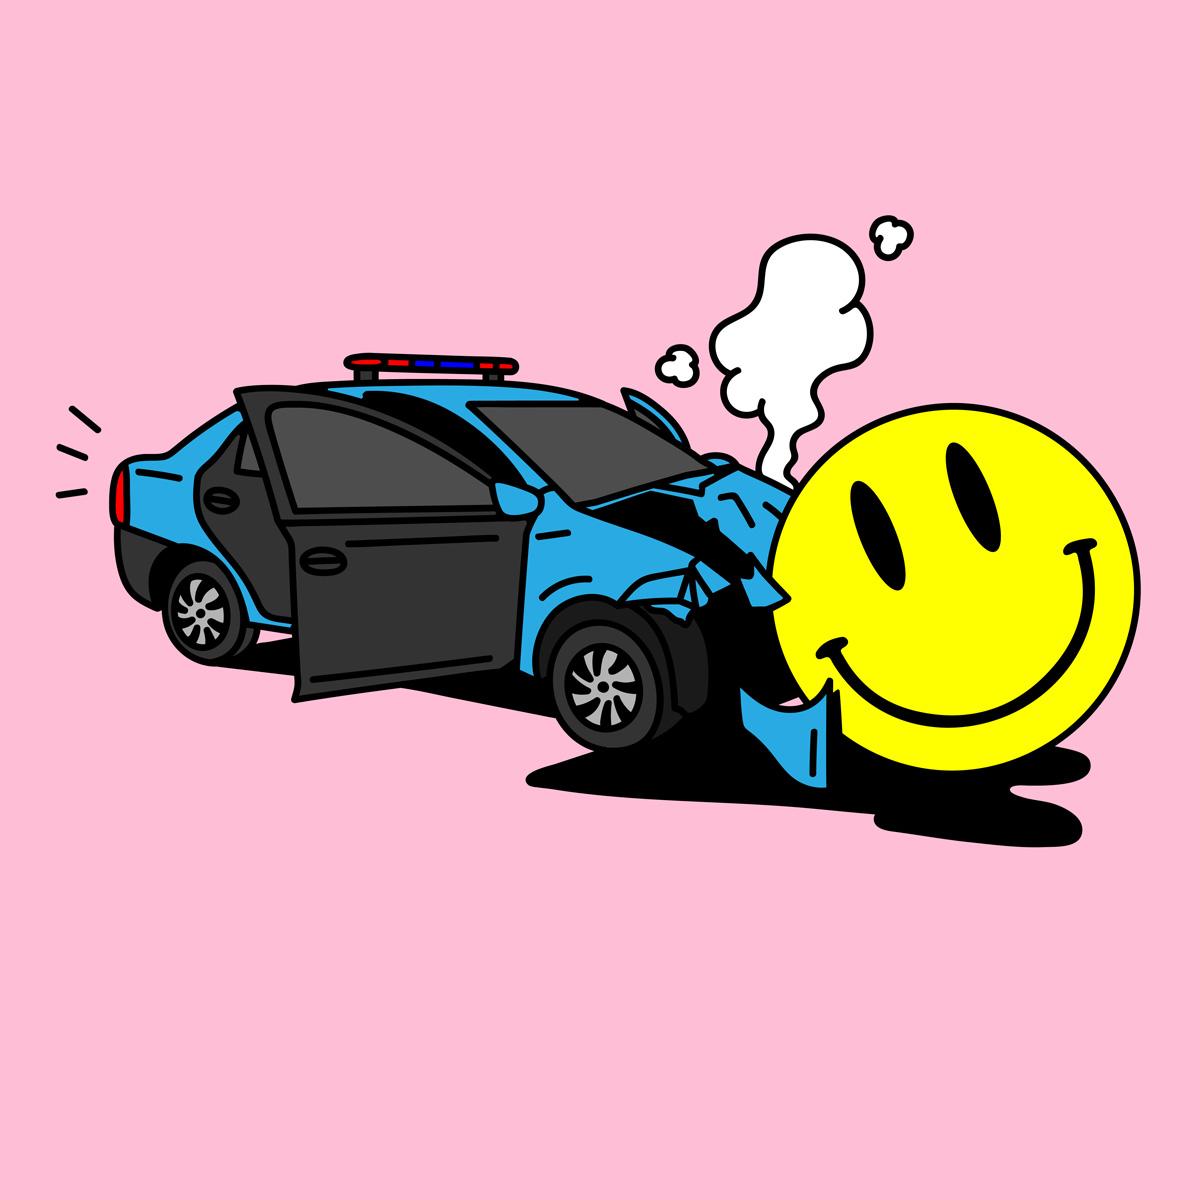 """""""Patrullero y Smiley"""". Ilustración: Poms"""